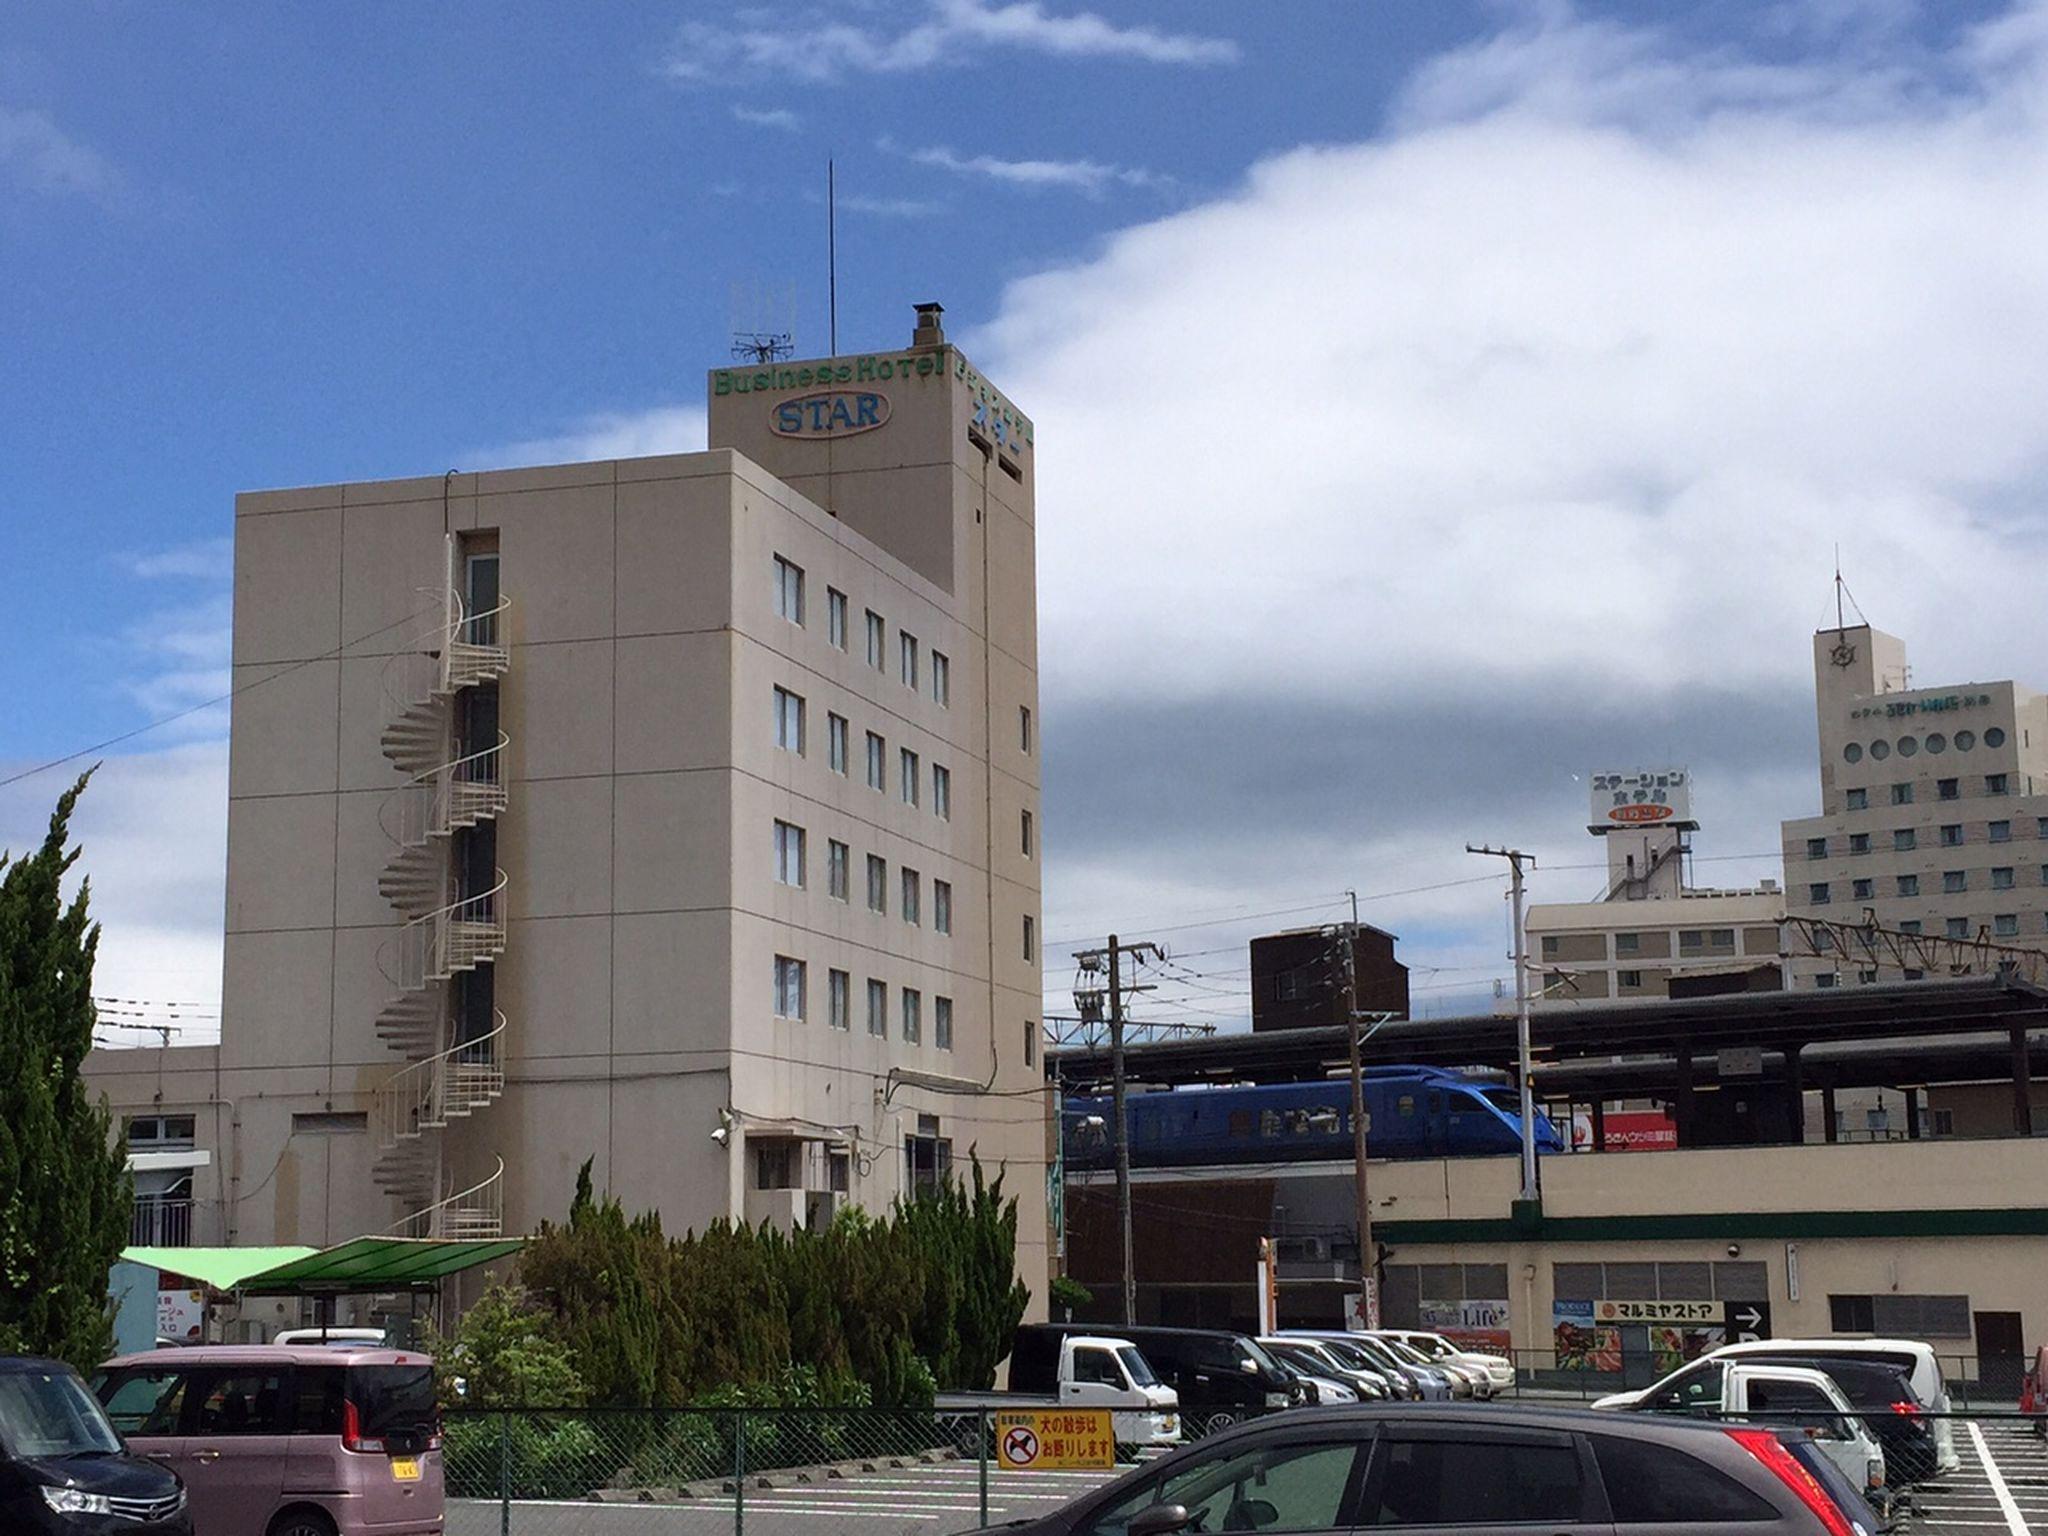 Hotel Star, Beppu